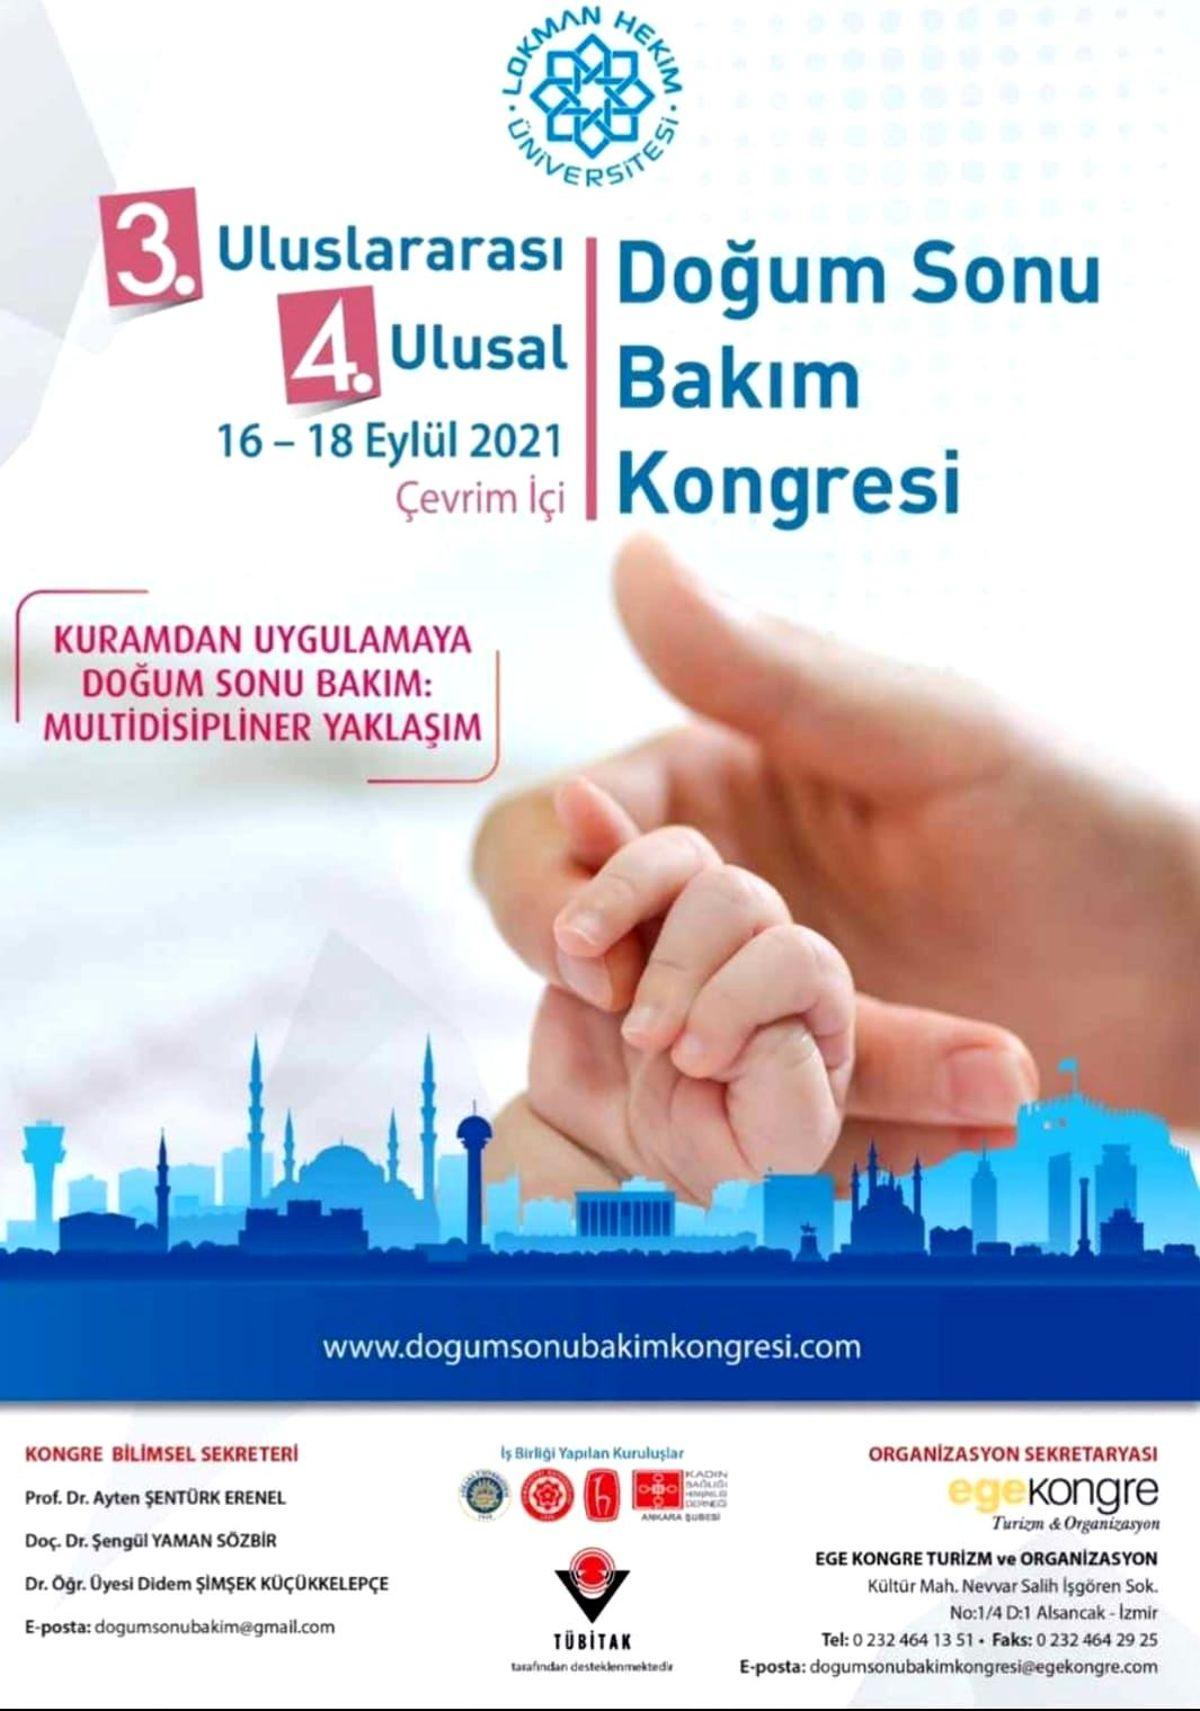 3. Uluslararası 4. Ulusal Doğum Sonu Bakım Kongresi